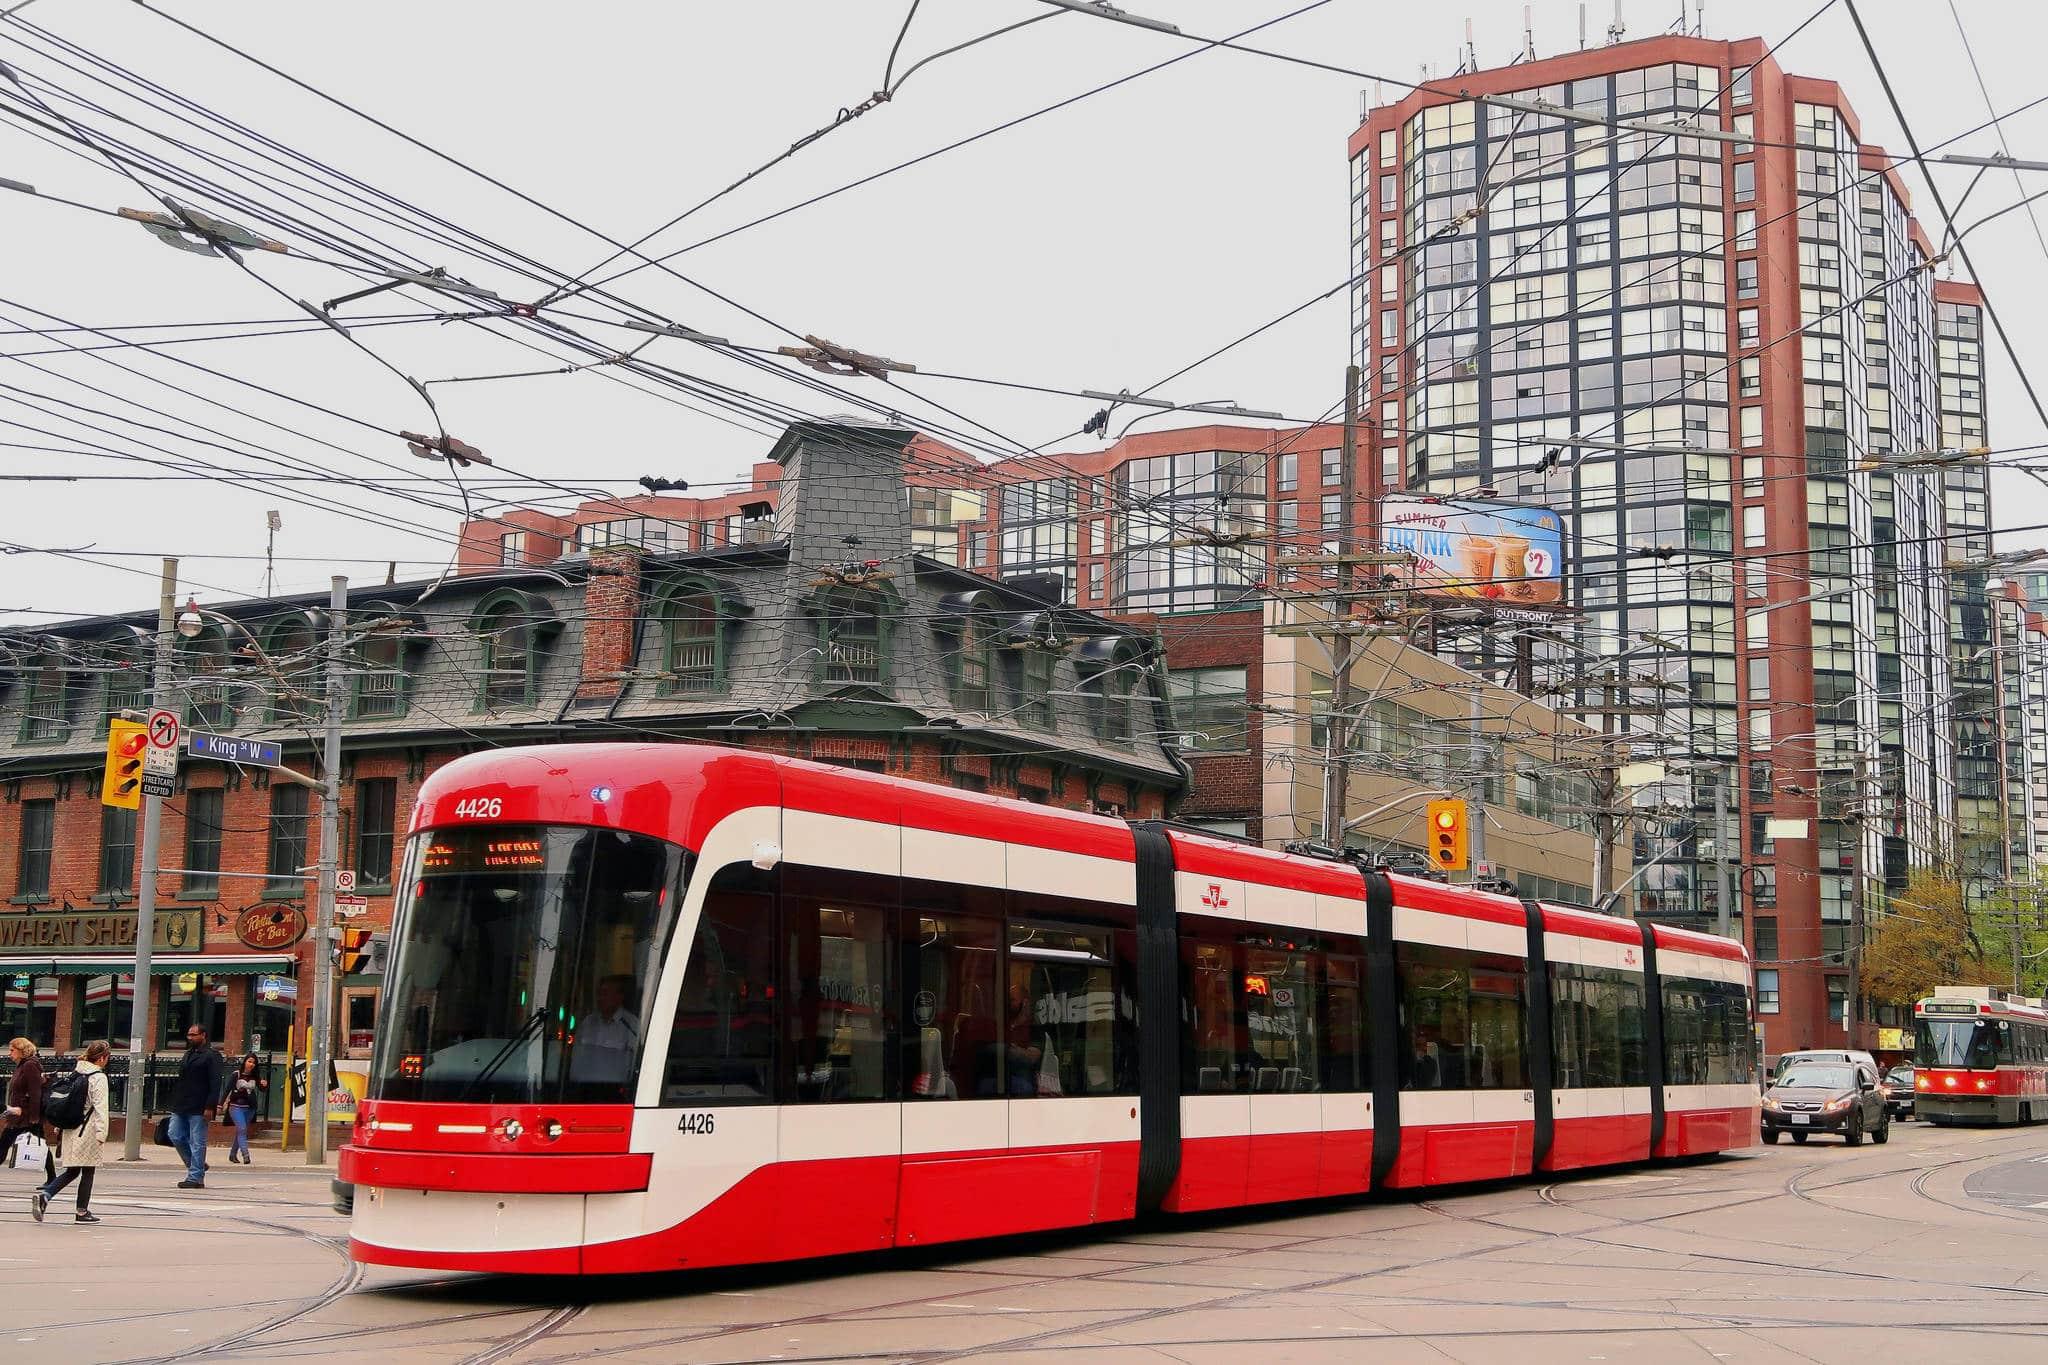 Proyecto de Tranvía de King Street promete descongestionar importante tramo del centro de Toronto